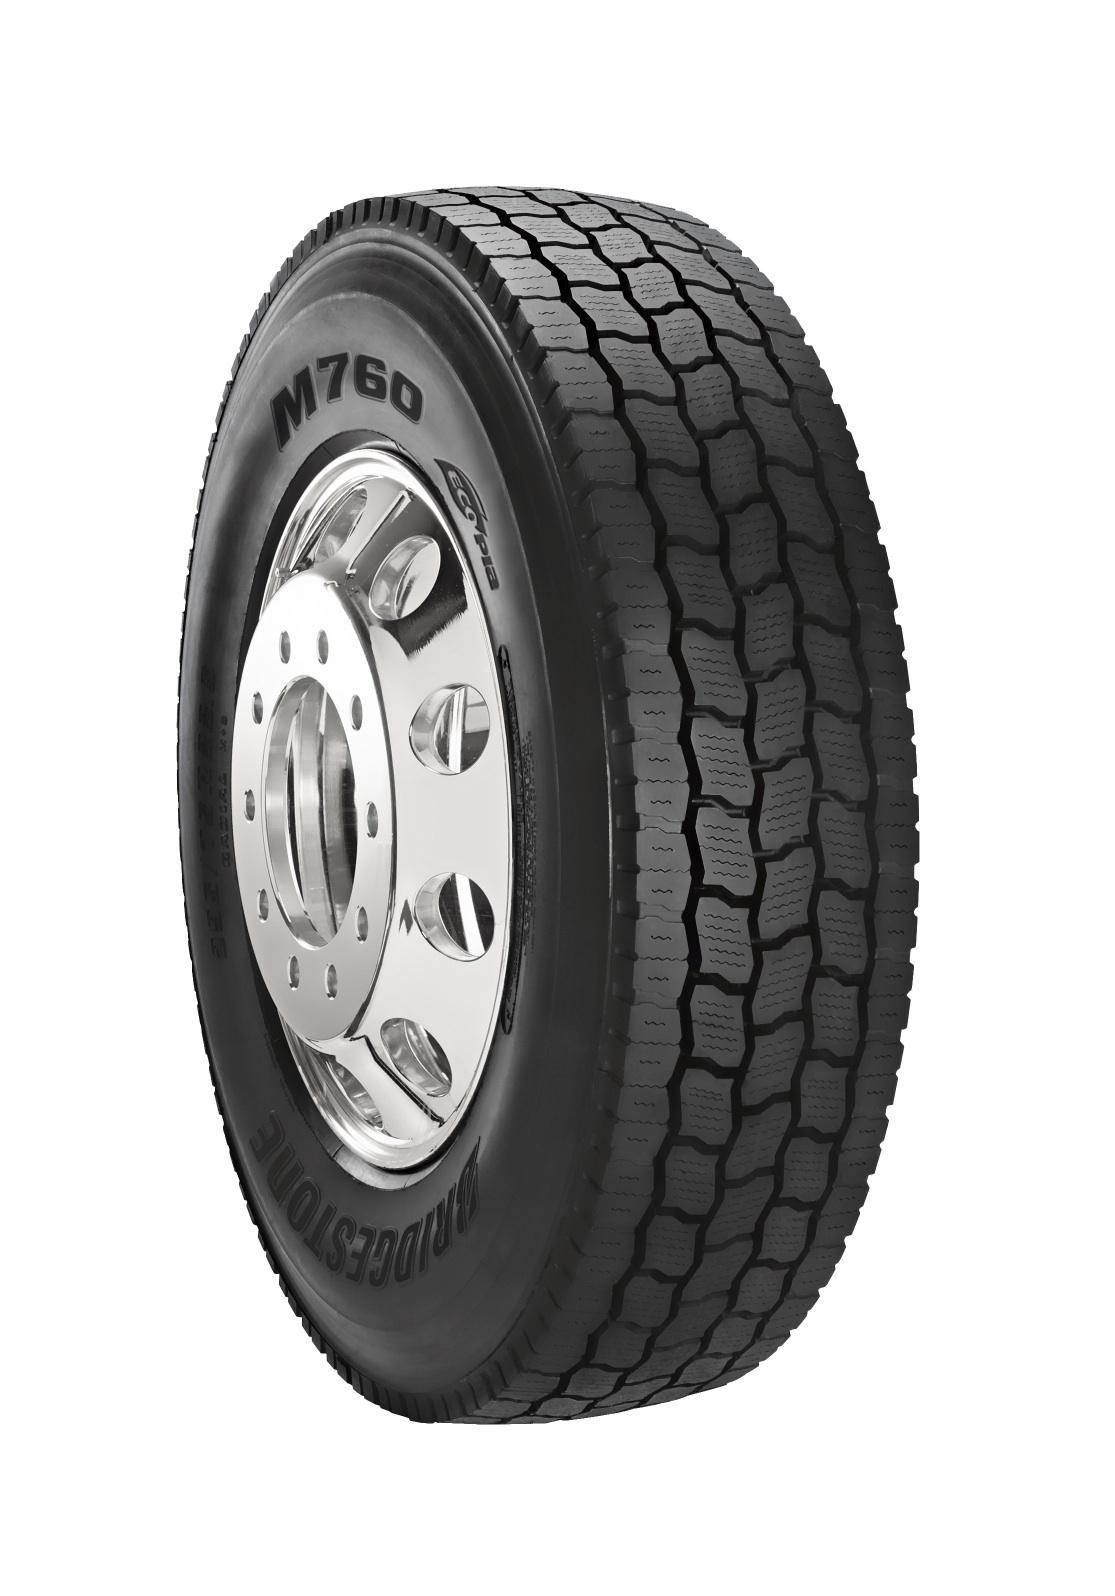 Bridgestone Launches Ecopia Drive Tire